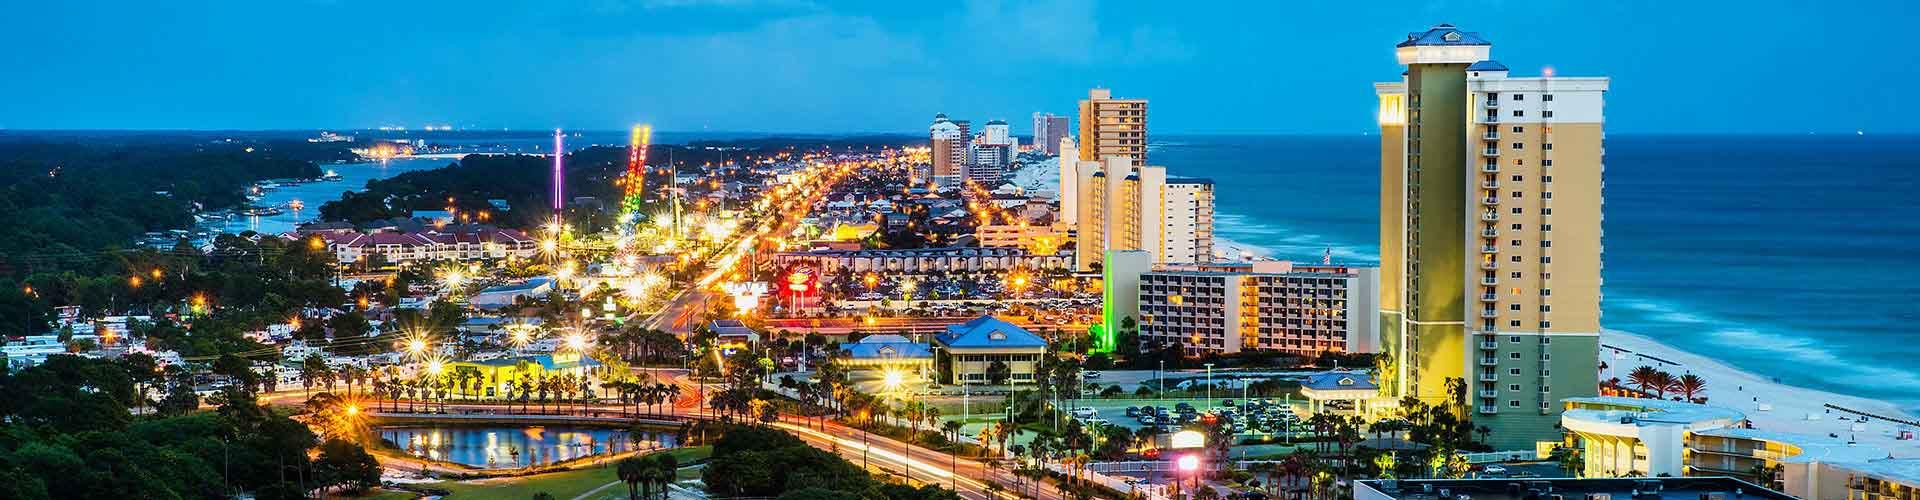 El Sol Panama City Beach Fl